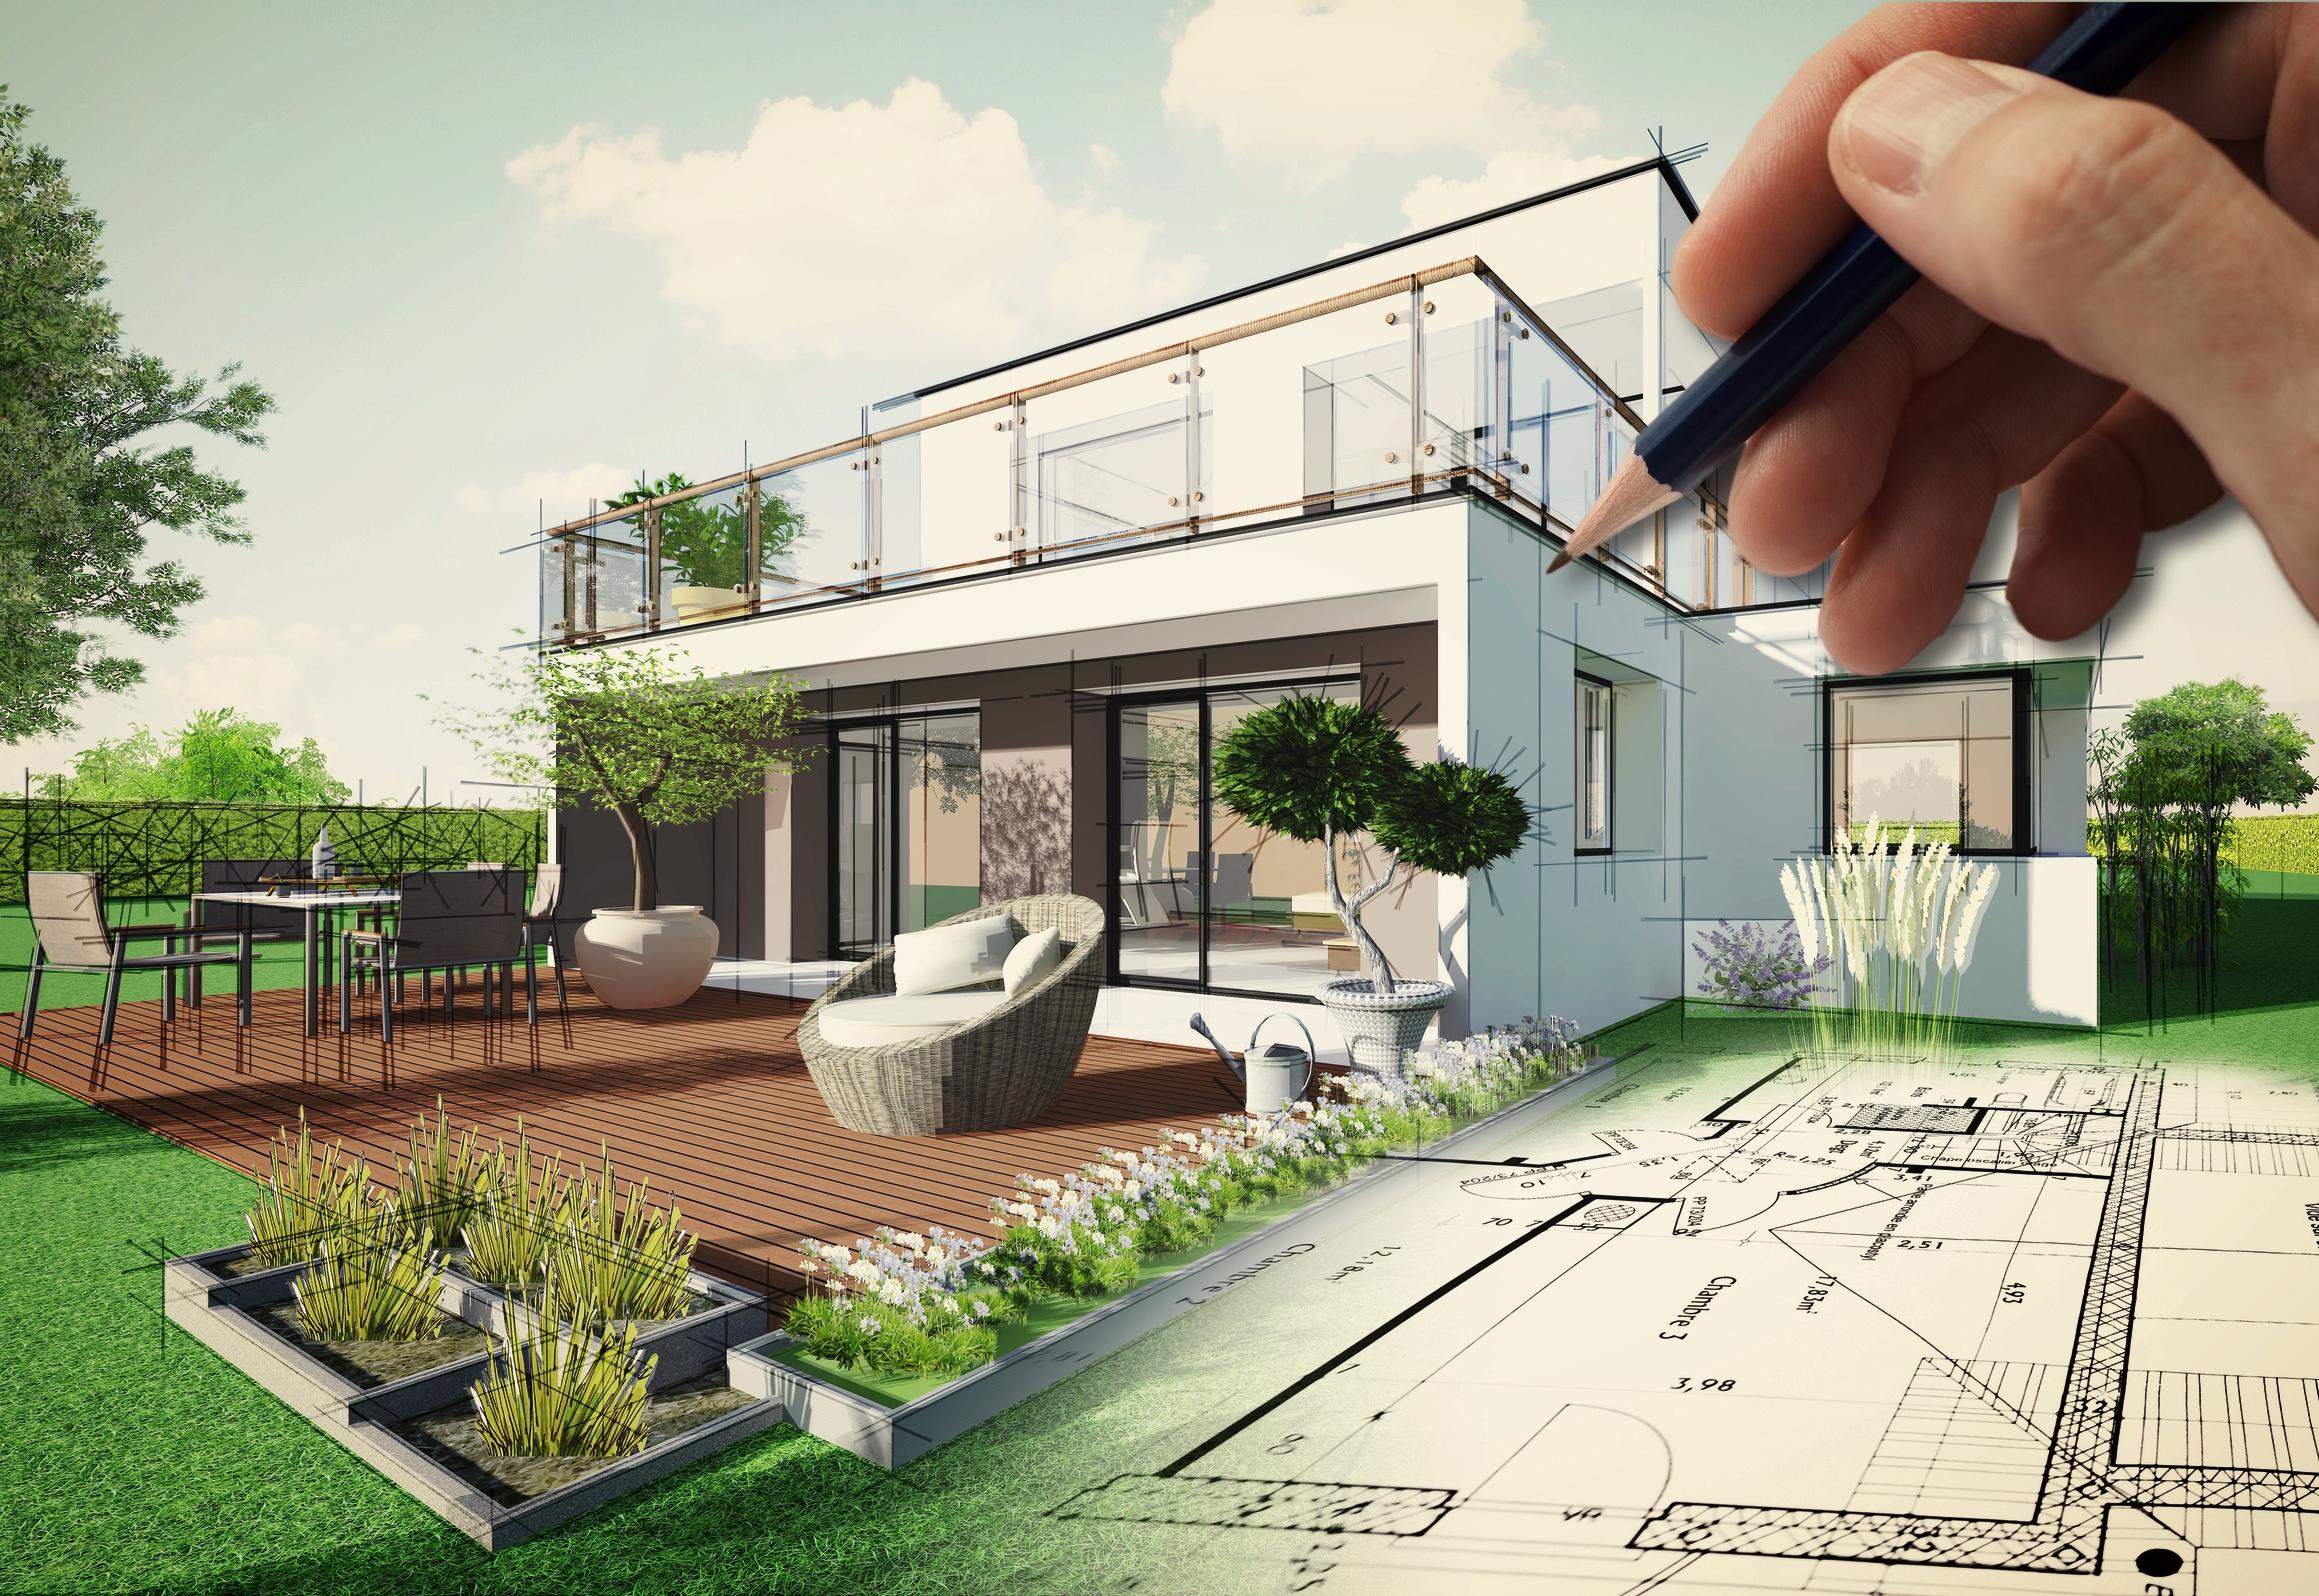 Terrassenbau in jeglicher Ausführung - Holzterrassen oder Steinbelag - Sie haben die Wahl.